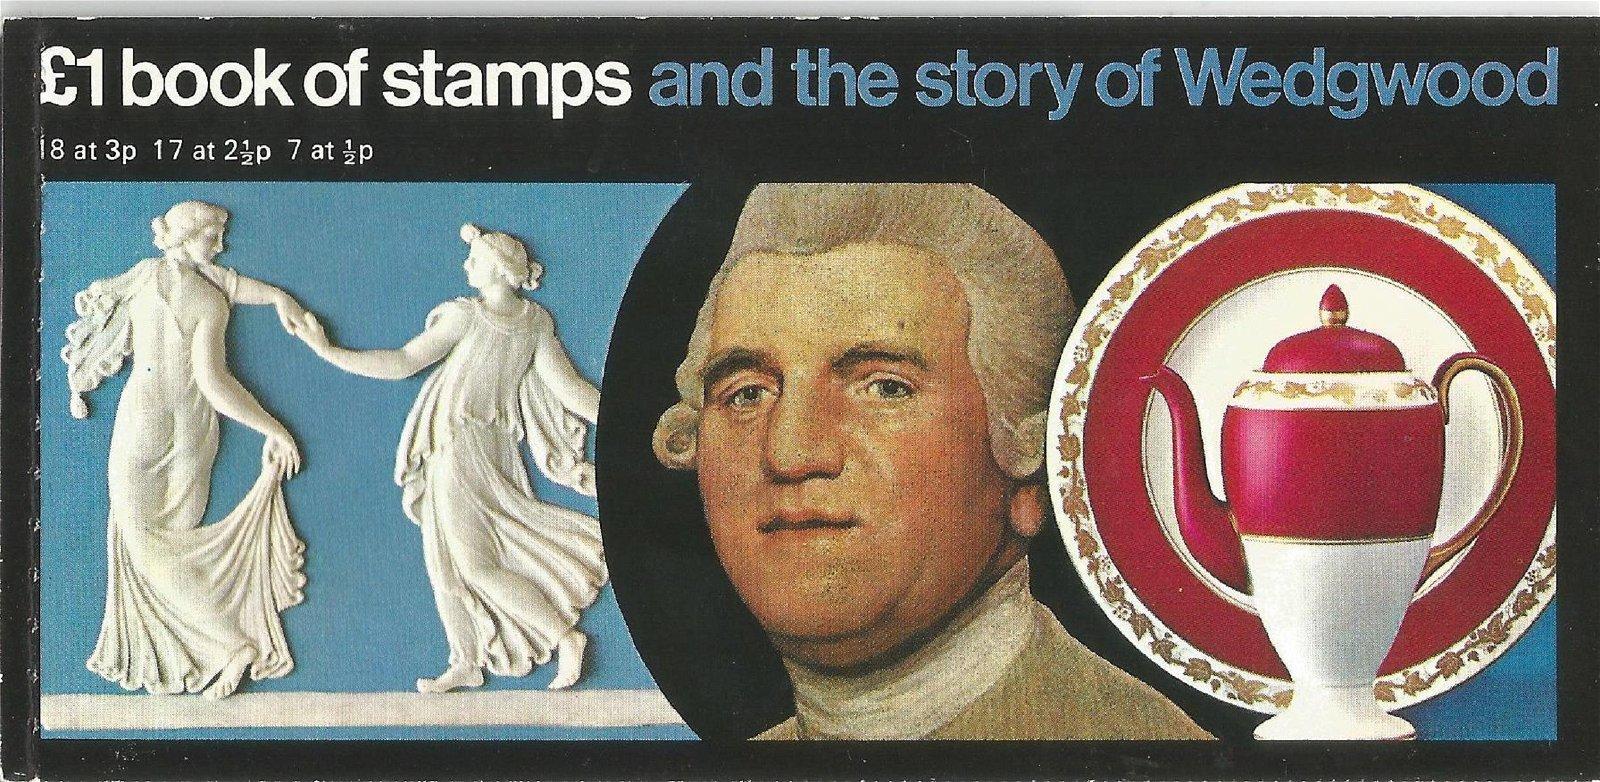 Royal Mail complete prestige stamp booklet - £1 book